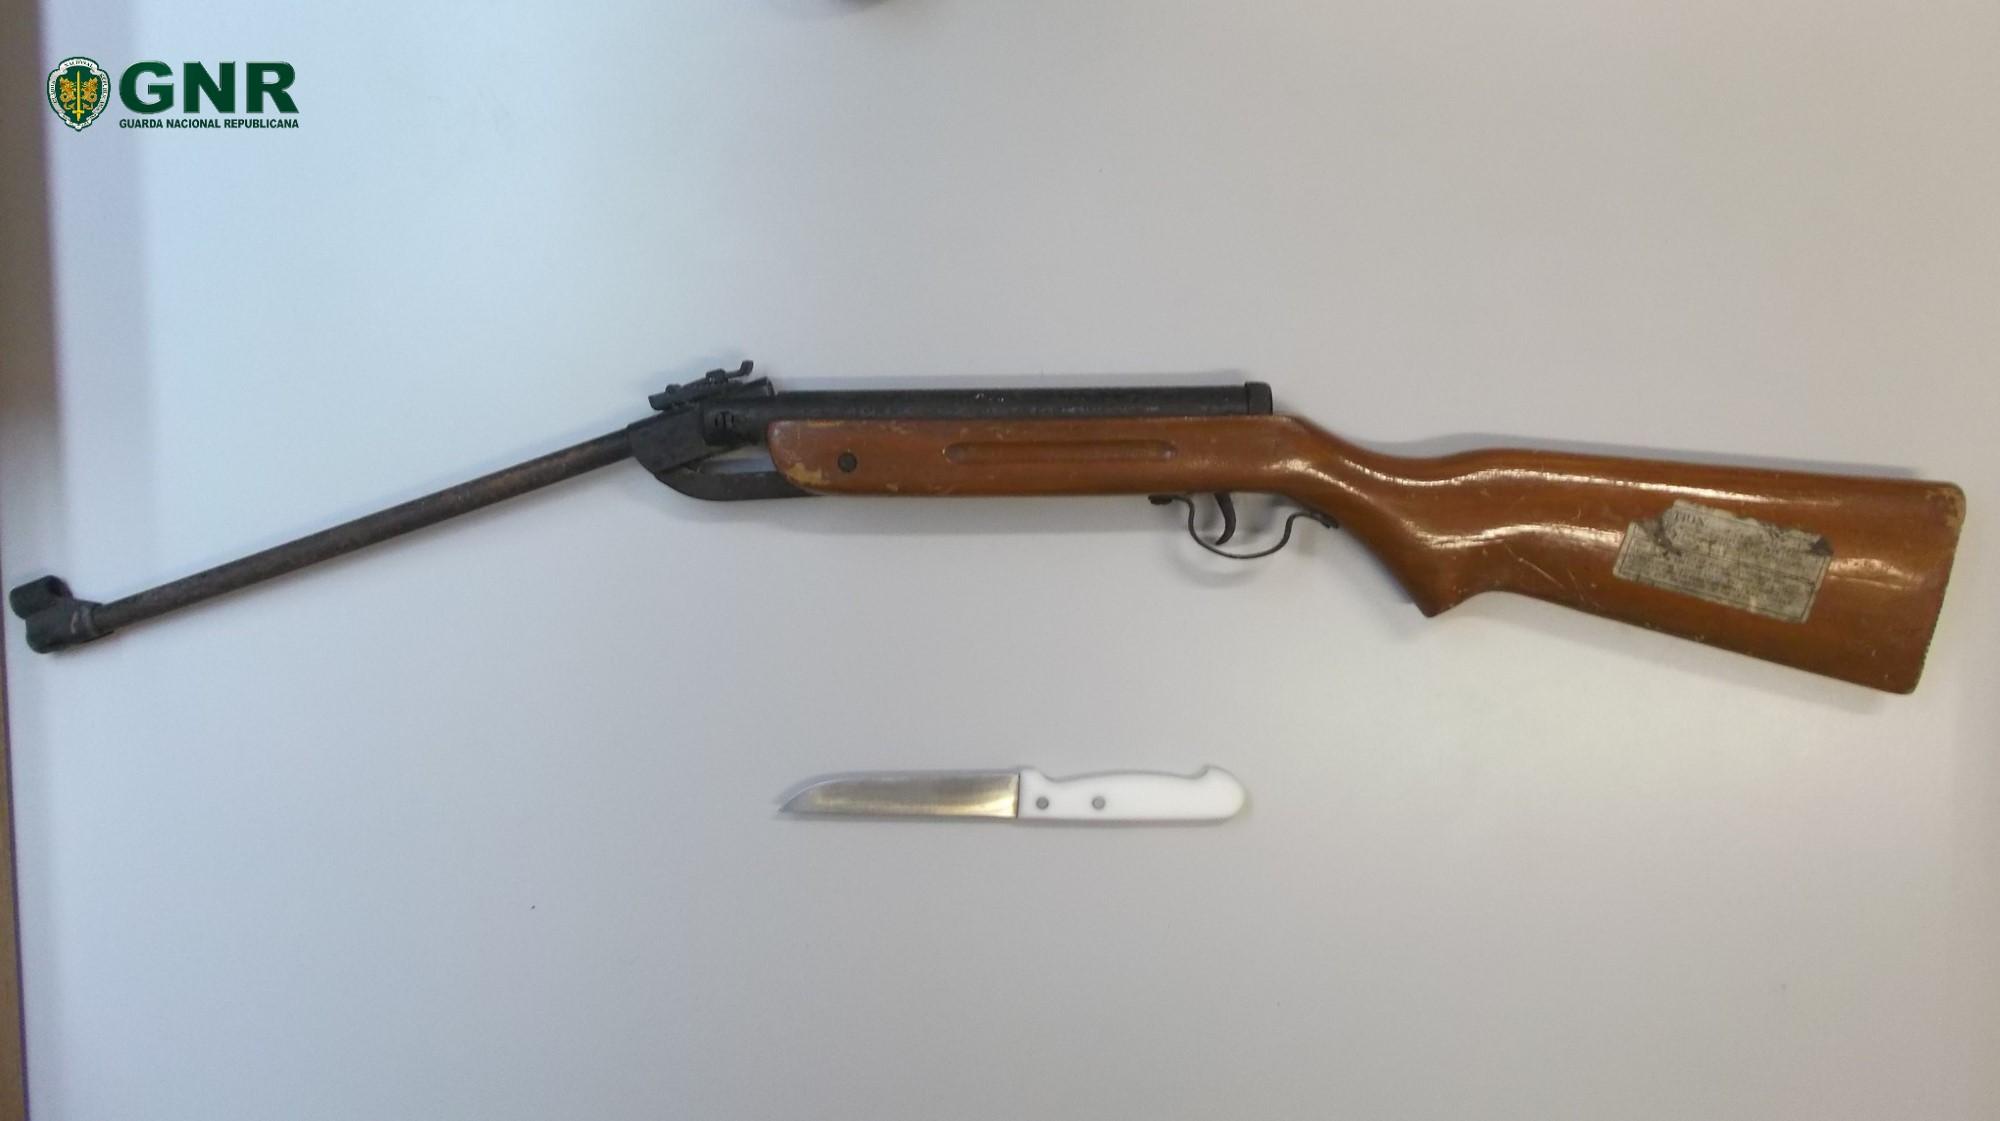 Armas apreendidas a alegado agressor em Vila Flor